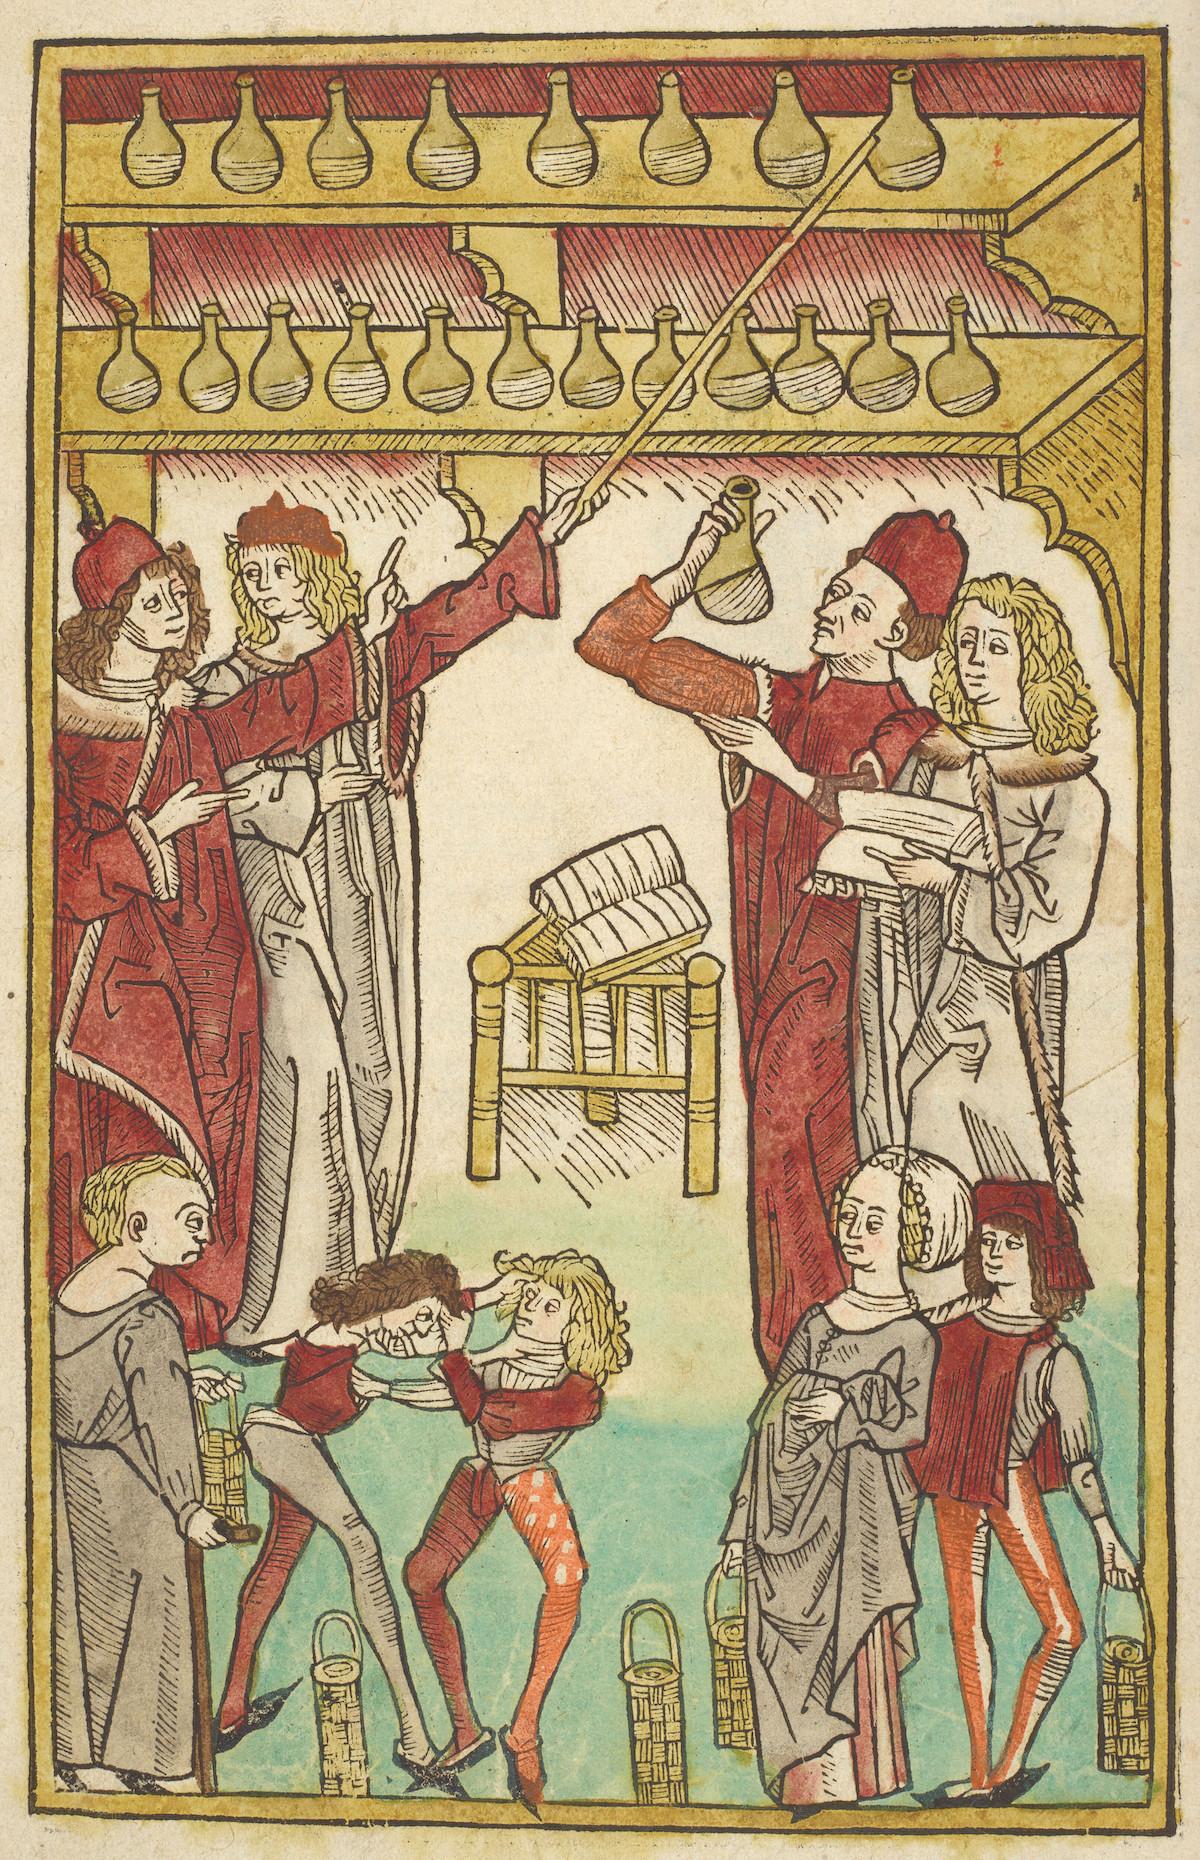 ヤコブ・マイデンバッハ『健康の庭』 1491年 大英図書館蔵 ©British Library Board